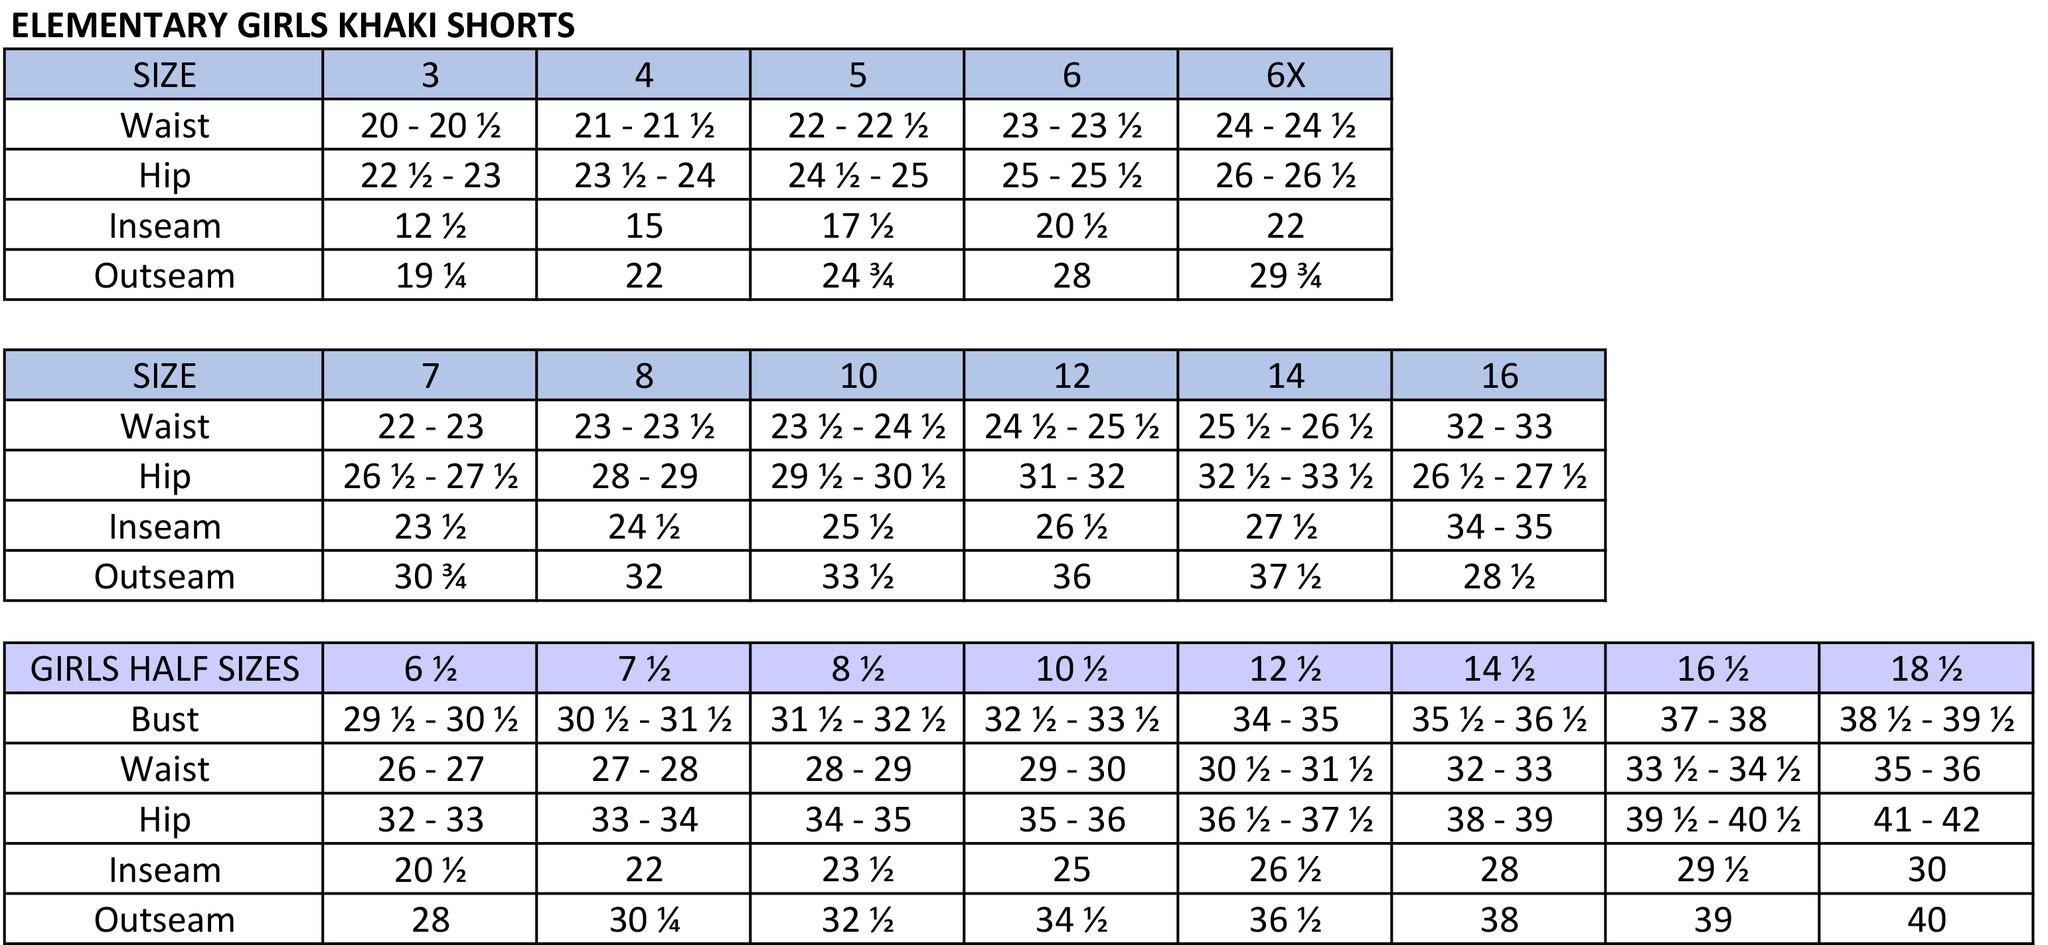 Elementary Girls Khaki Shorts Size Chart